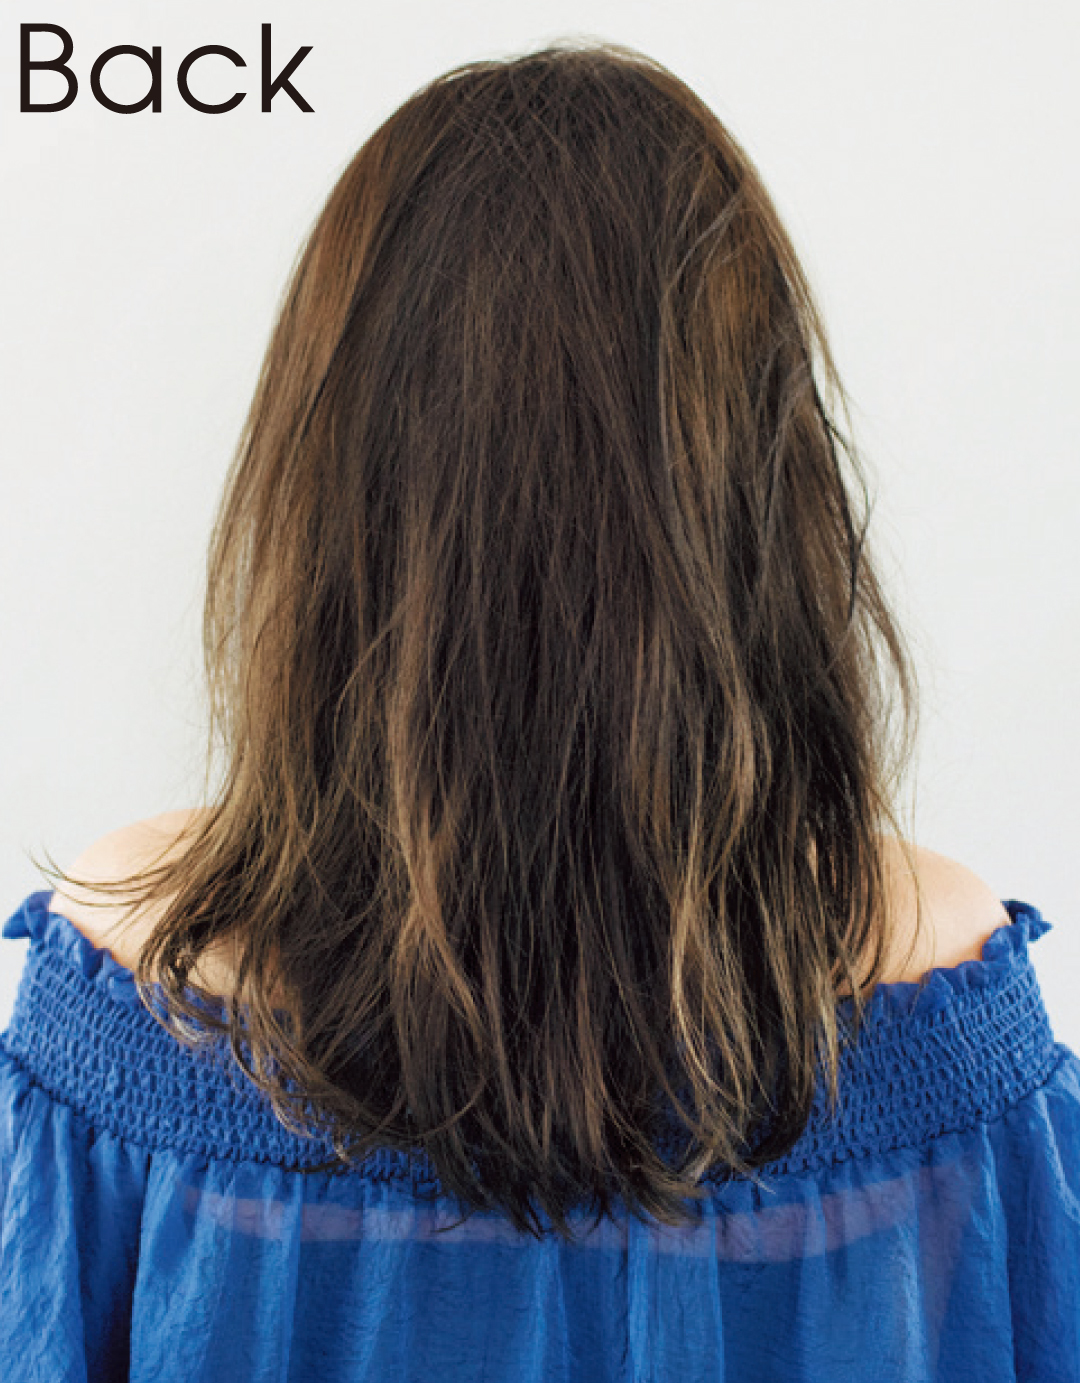 石原さとみさんのヘアスタイル、大人っぽモテ♡ ミディアムになる方法_1_6-2